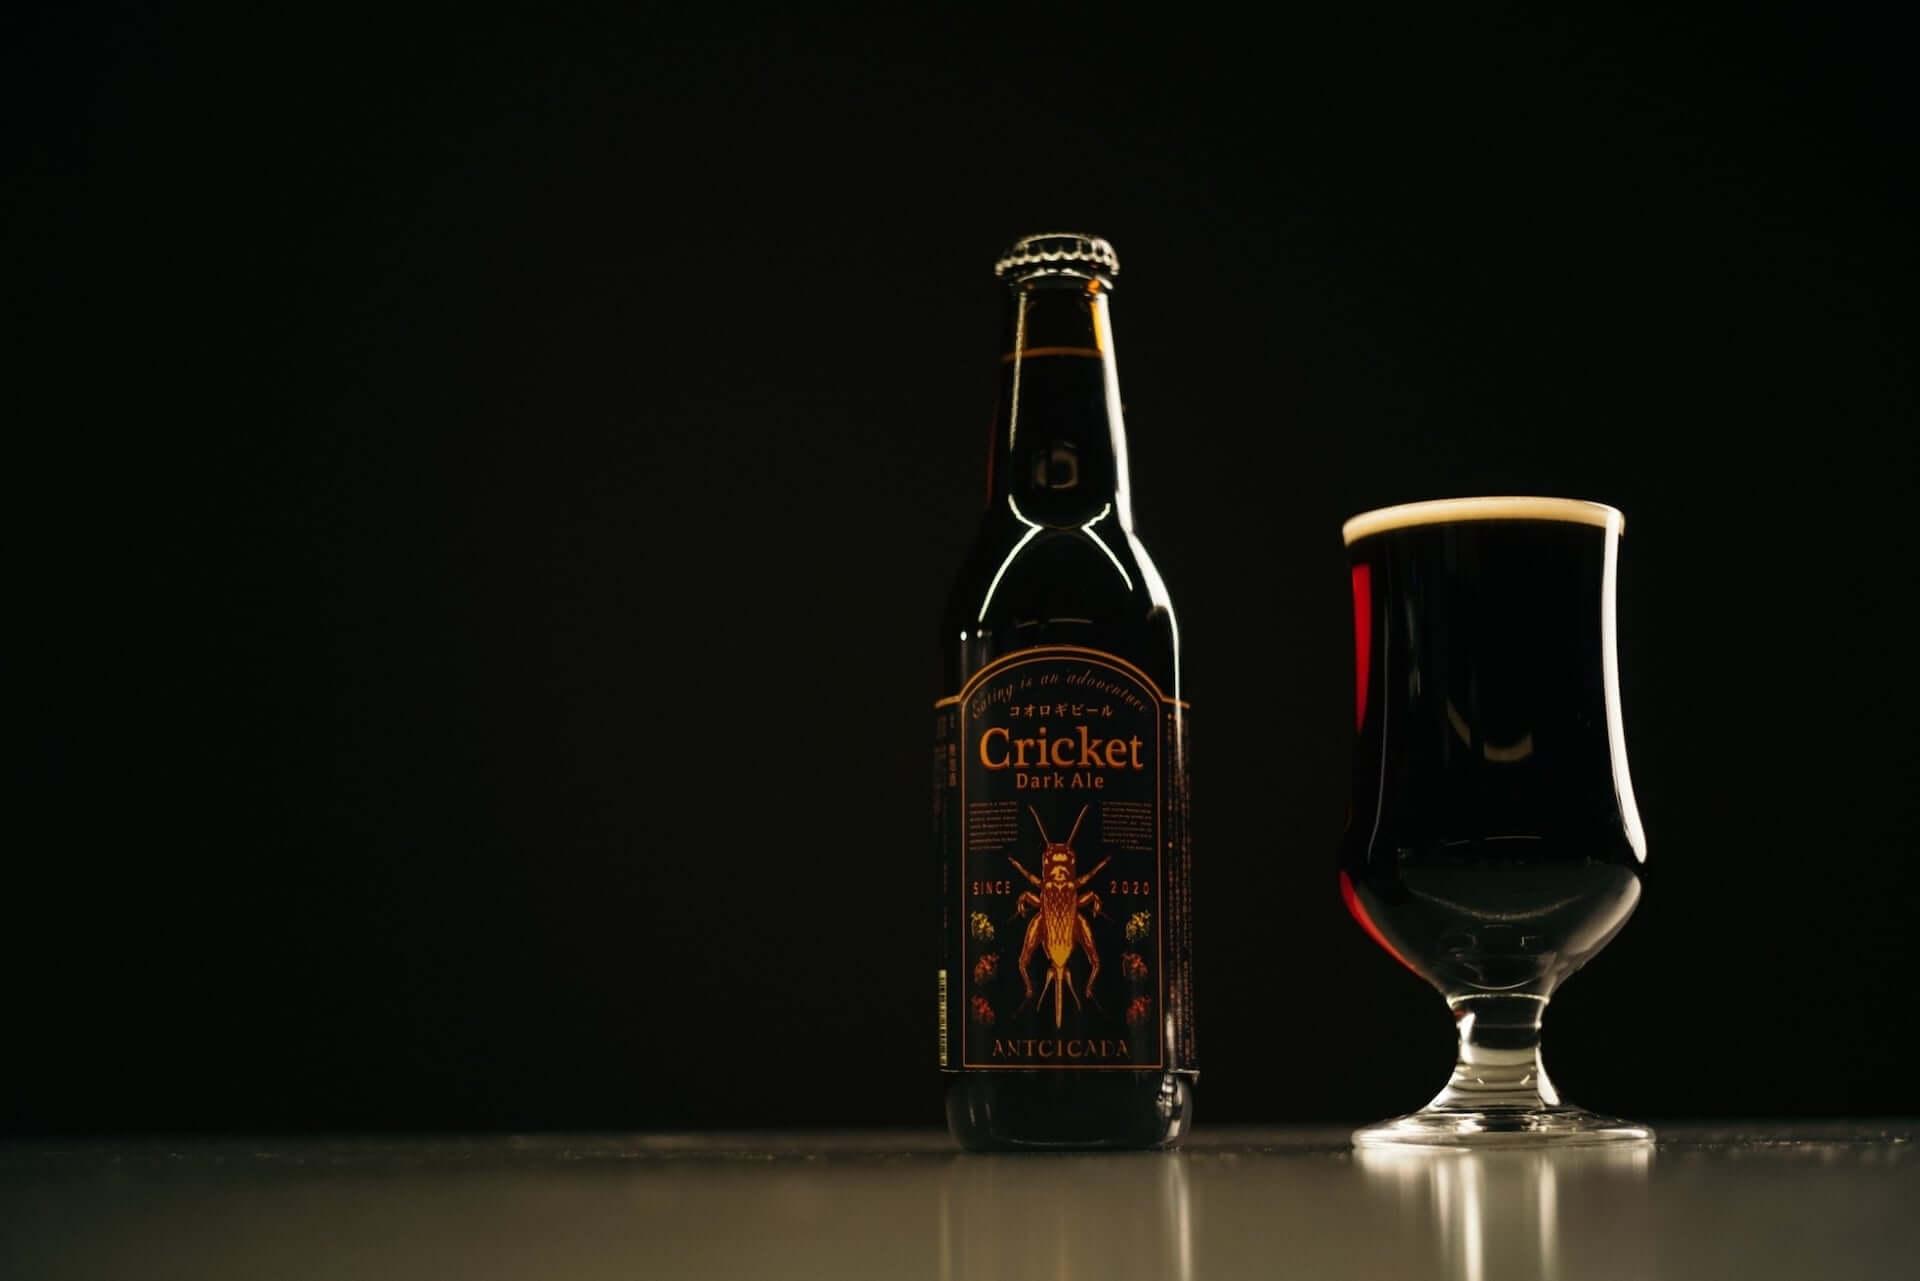 コオロギを原料に使用したクラフトビール『コオロギビール』がクラウドファンディングにて発売開始!オンライン飲み会にも gourmet200525_cricket_darkale_1-1920x1281